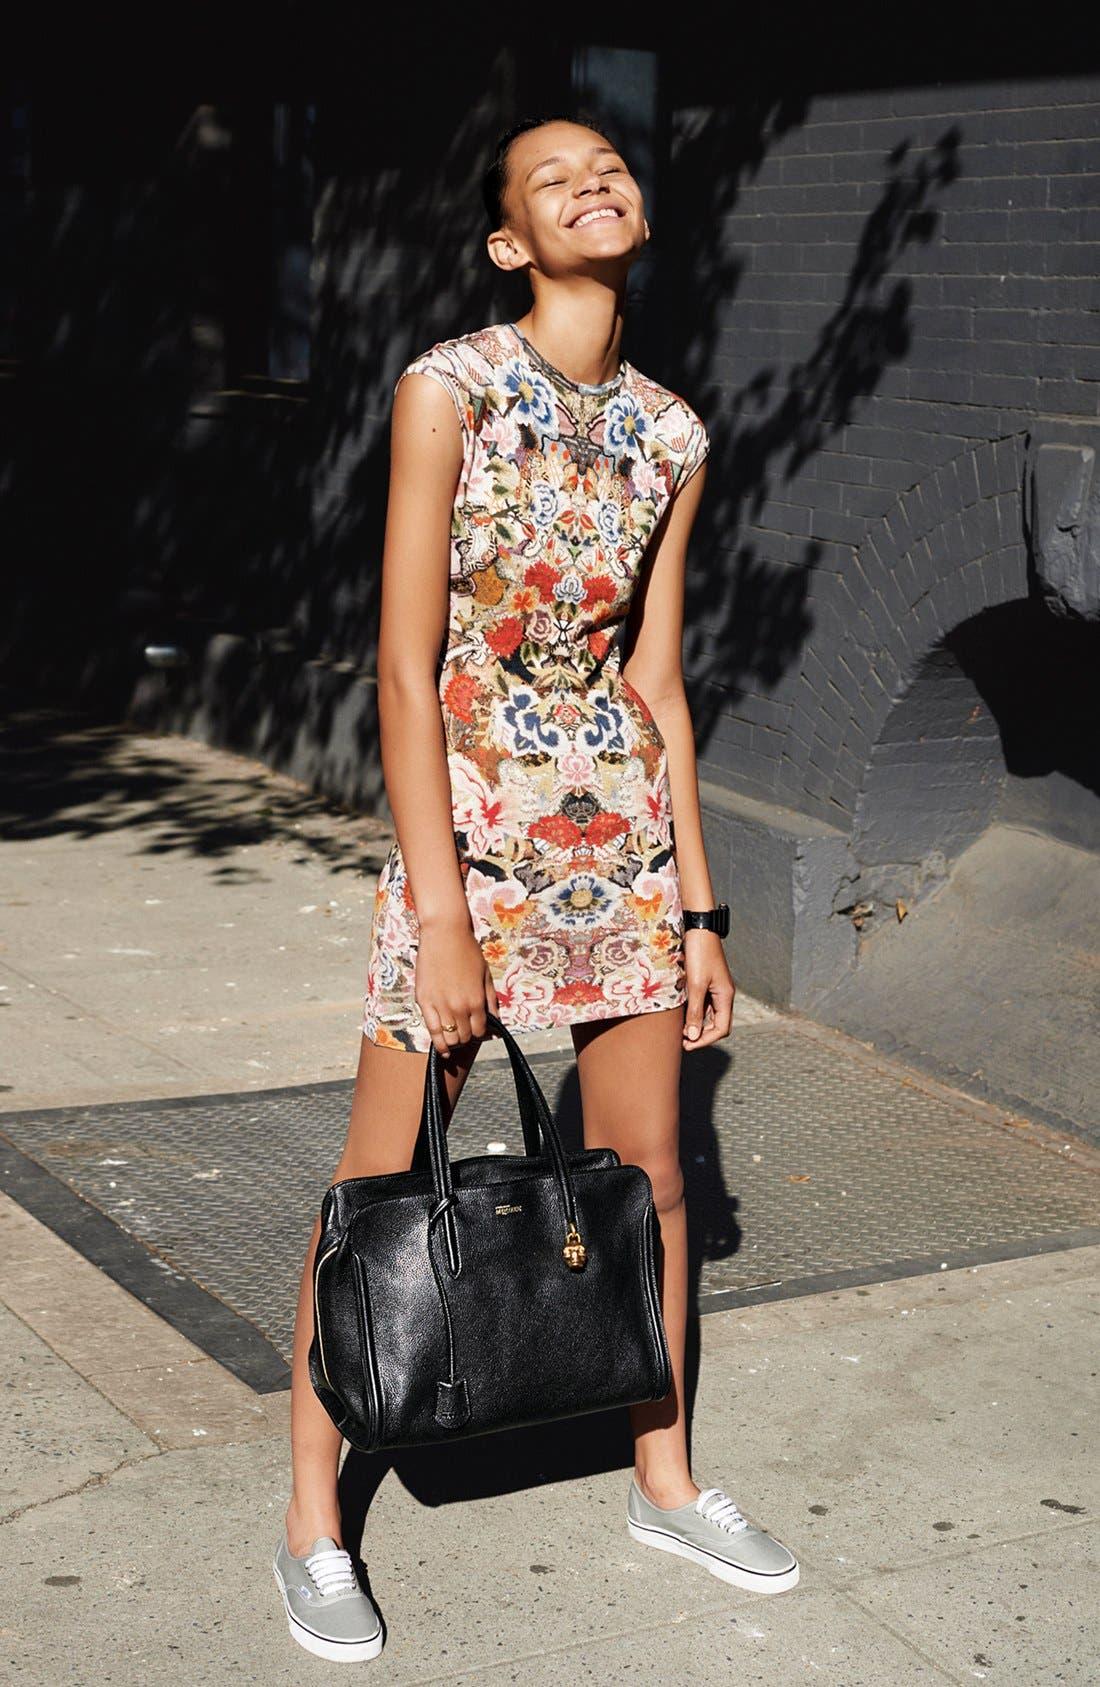 Alternate Image 1 Selected - Alexander McQueen Calfskin Duffel Bag & Dress